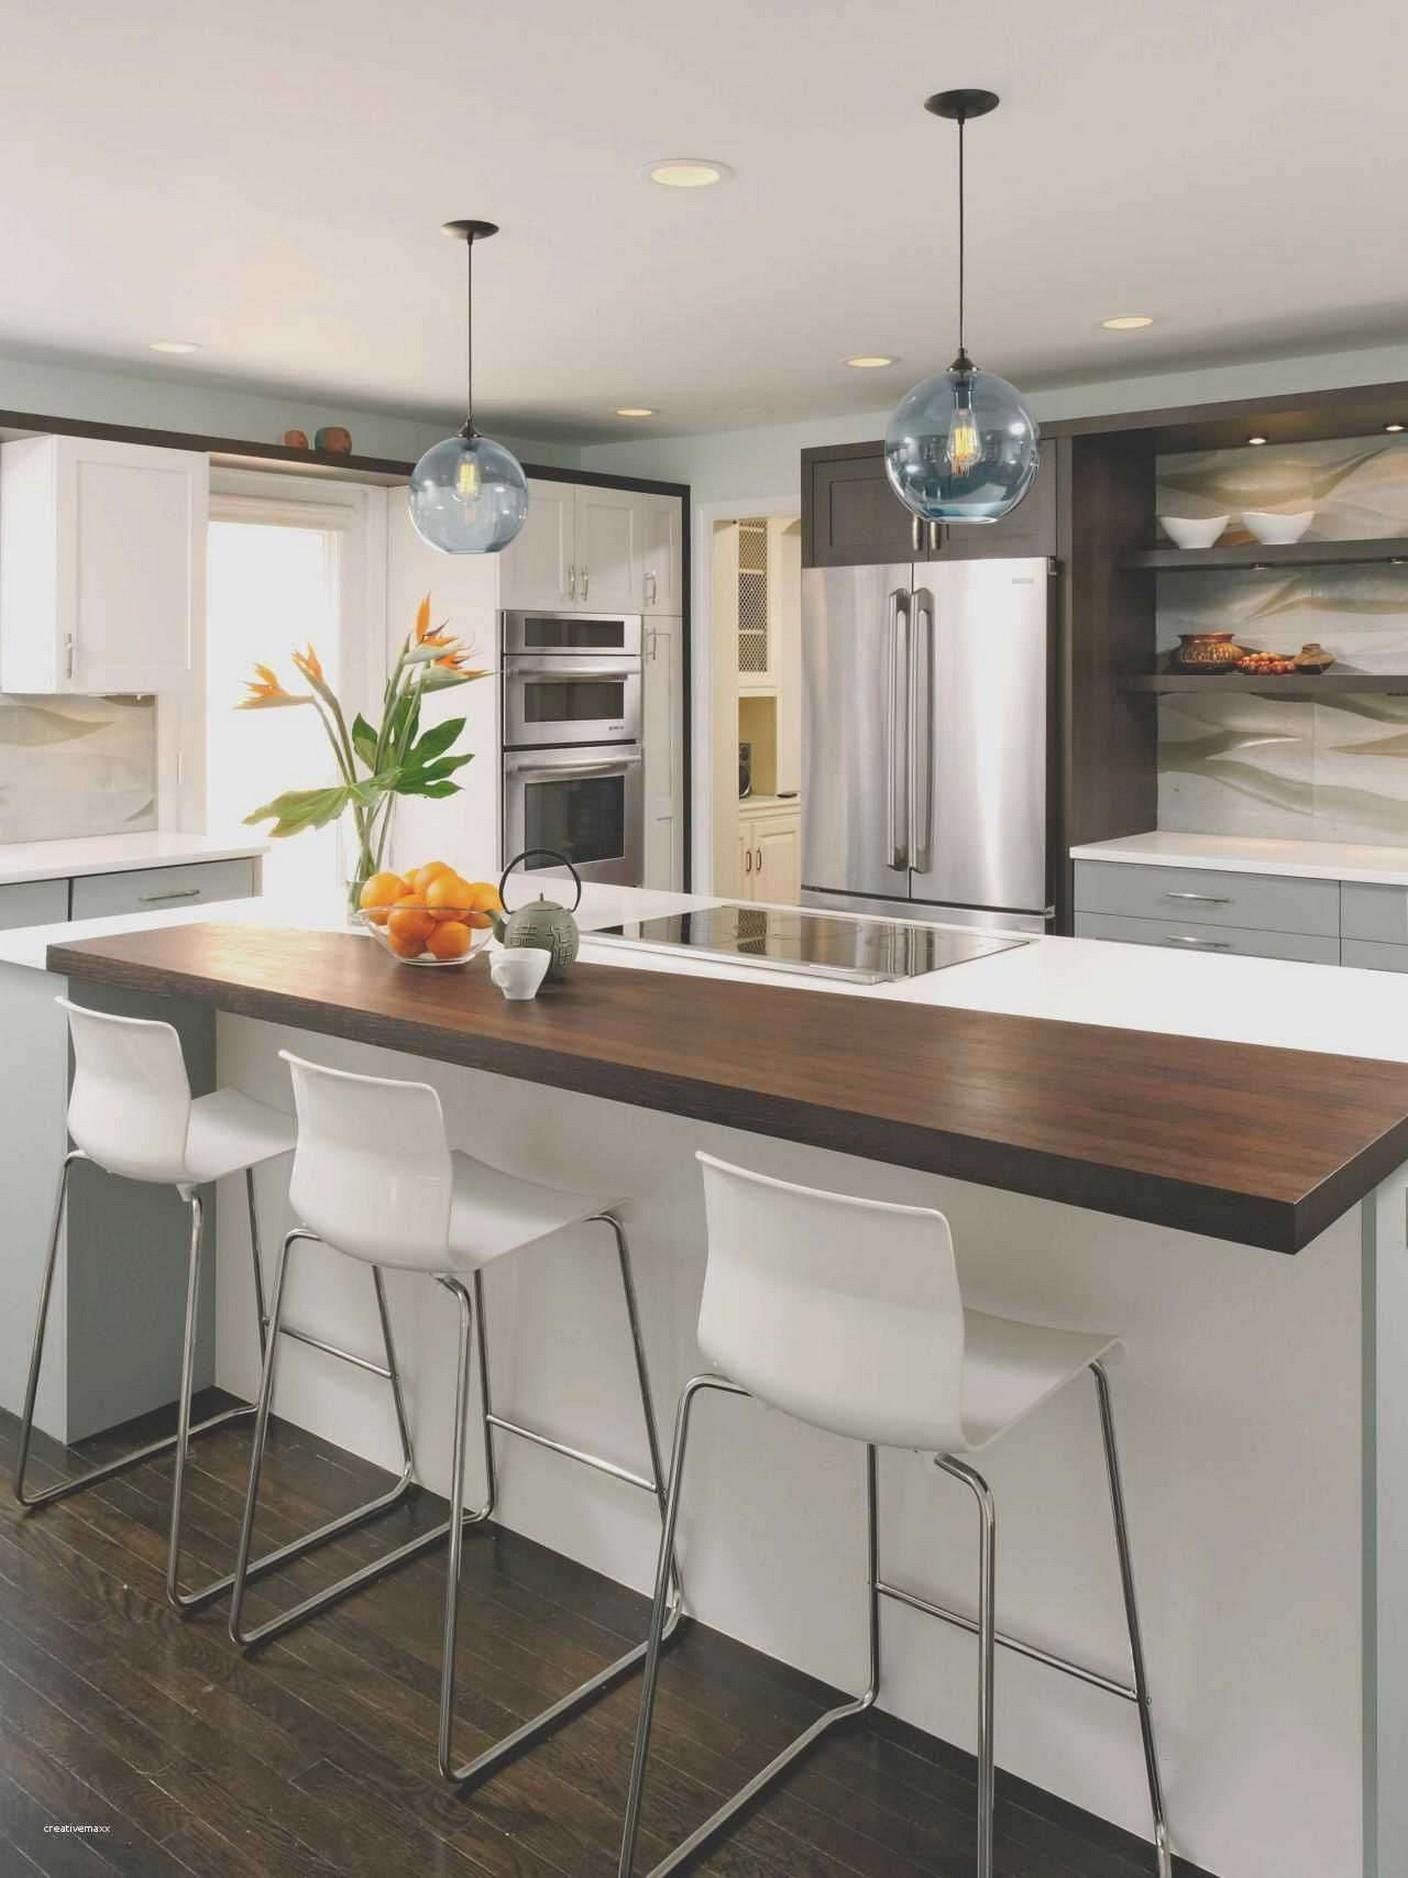 86 Modern Kitchen Ideas For Modern Kitchens Home Decor 30